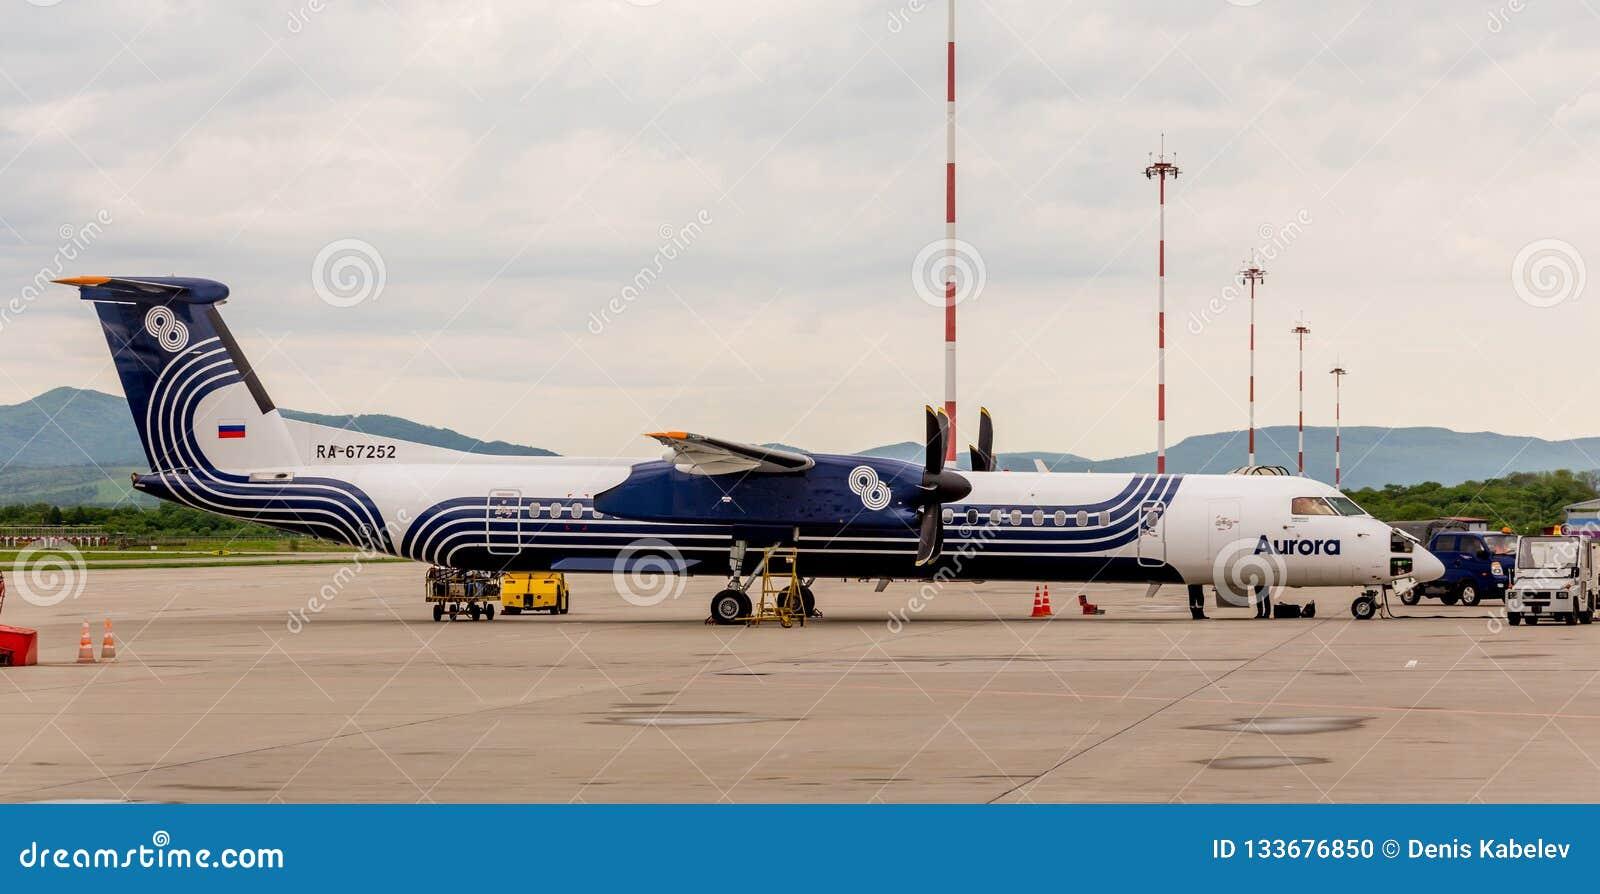 Rosja, Vladivostok, 05/26/2017 Pasażerski samolotowy bombardier Q400 NextGen zorzy firma na lotnisku